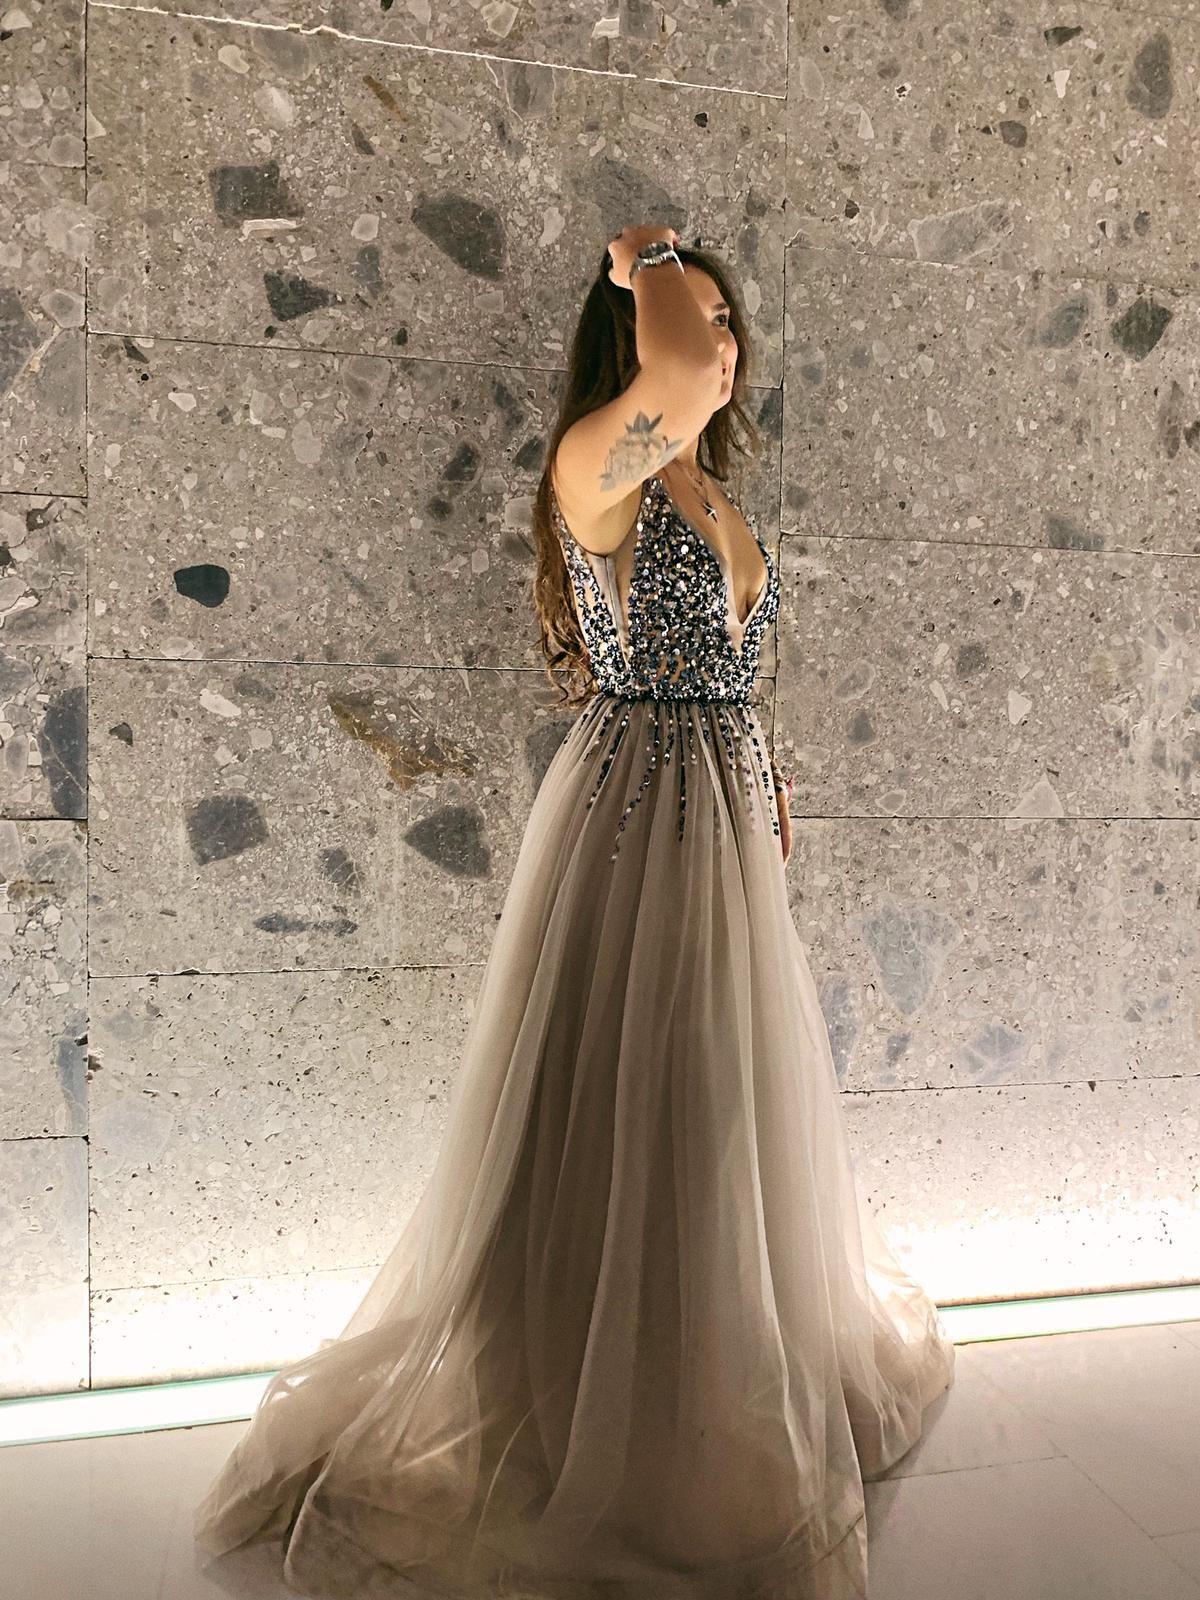 Abito Di Sartoria Abito In Tulle Cinderella Dress Vestiti Dressyoucan Noleggio Alta Moda Abiti Vestiti Scarpe Borse E Acces Nel 2020 Vestiti Abiti Abito In Tulle